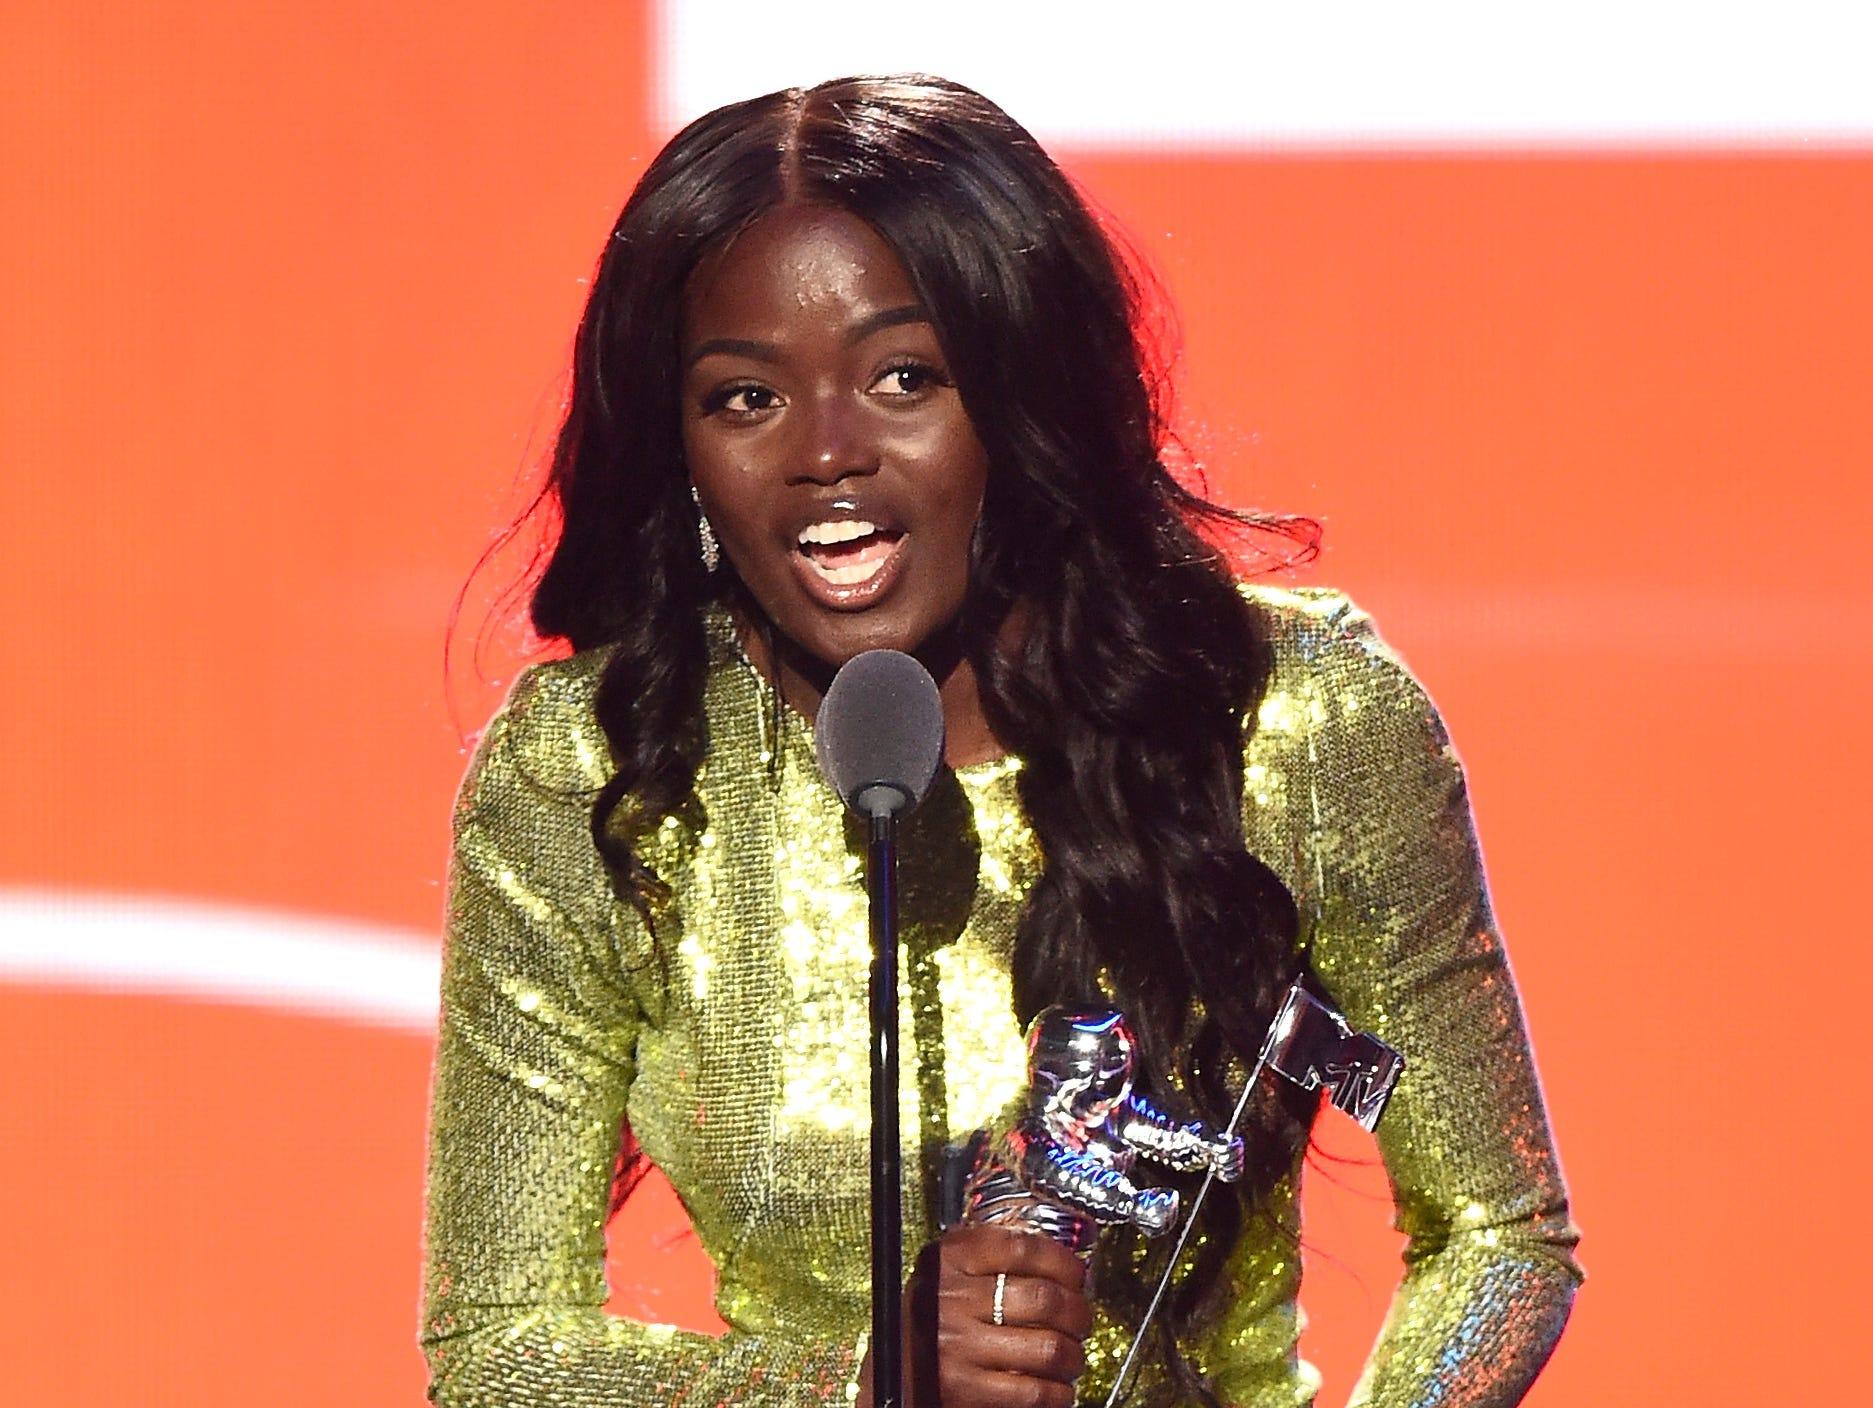 Sherrie Silver acepta el premio por Video con un mensaje en nombre de Childish Gambino en el escenario durante los MTV Video Music Awards 2018 en el Radio City Music Hall el 20 de agosto de 2018 en la ciudad de Nueva York.